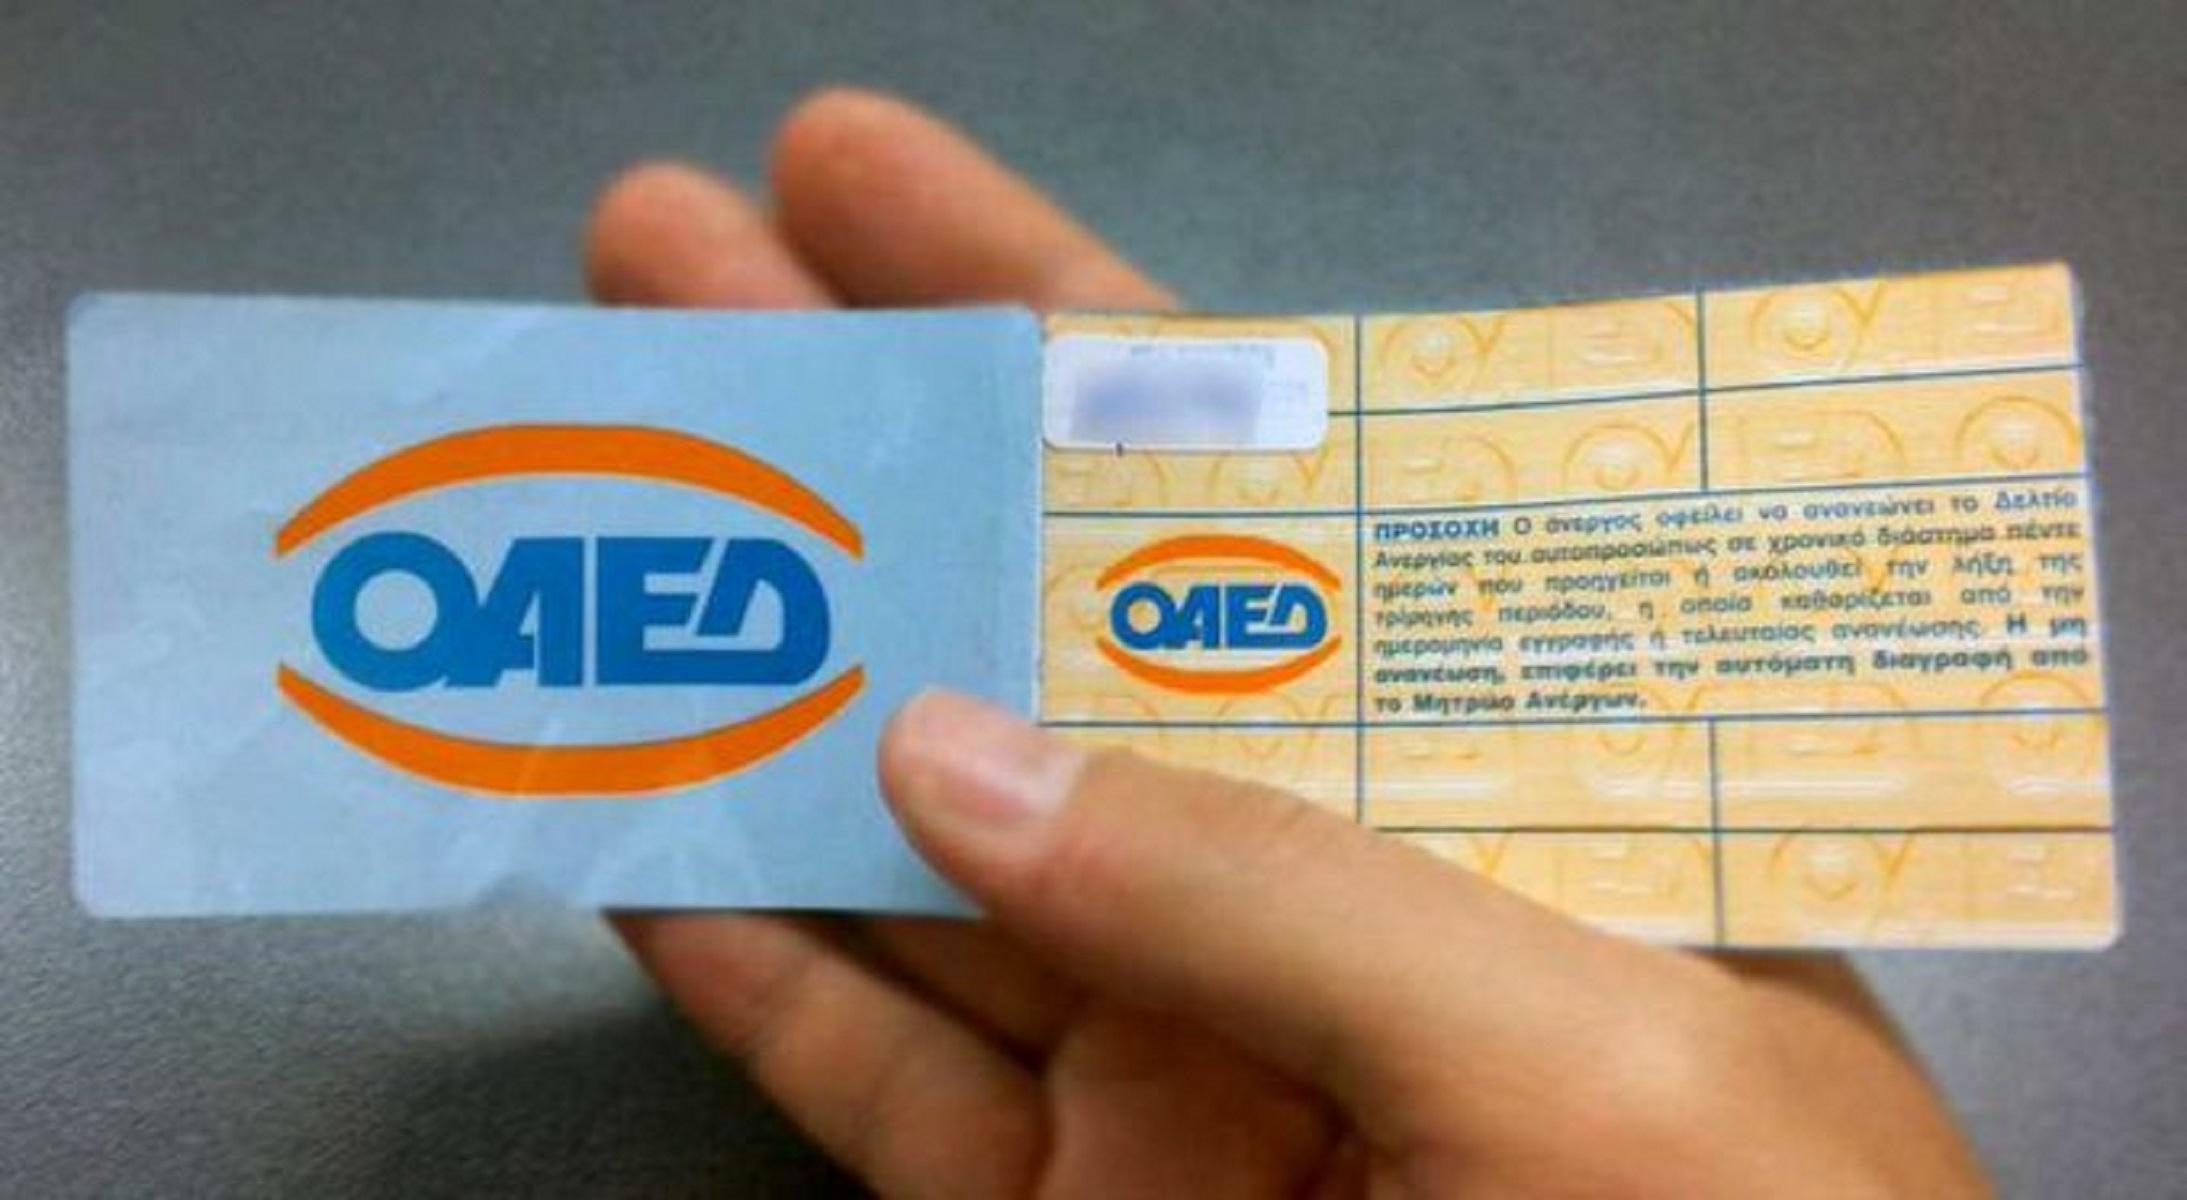 oaed11